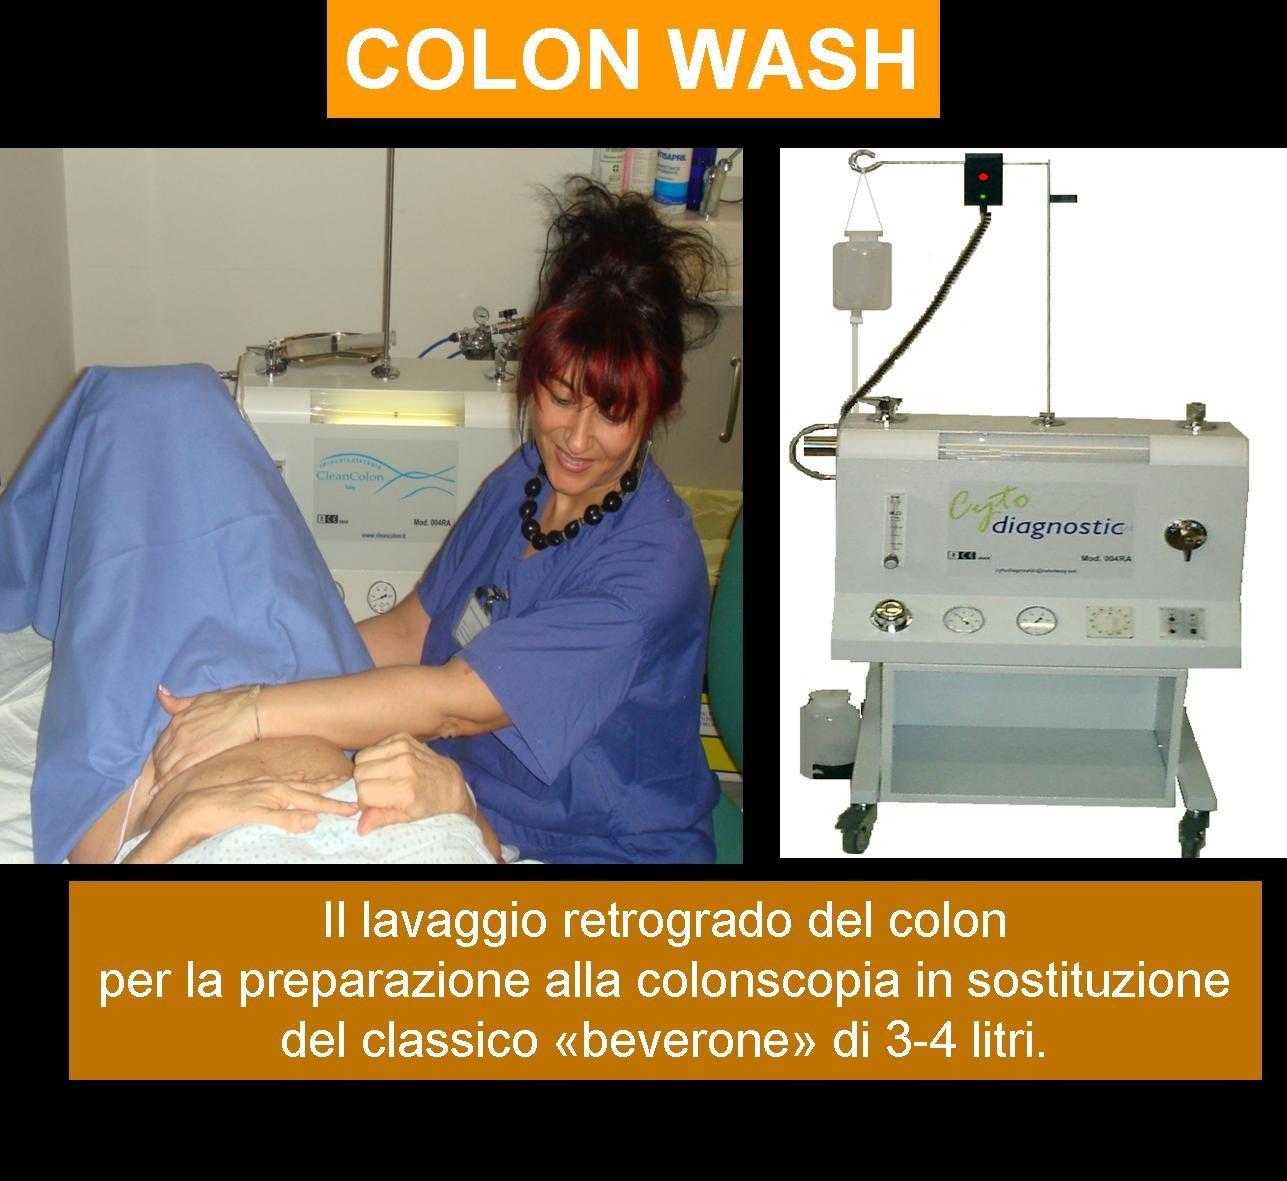 come viene eseguita la colon wash